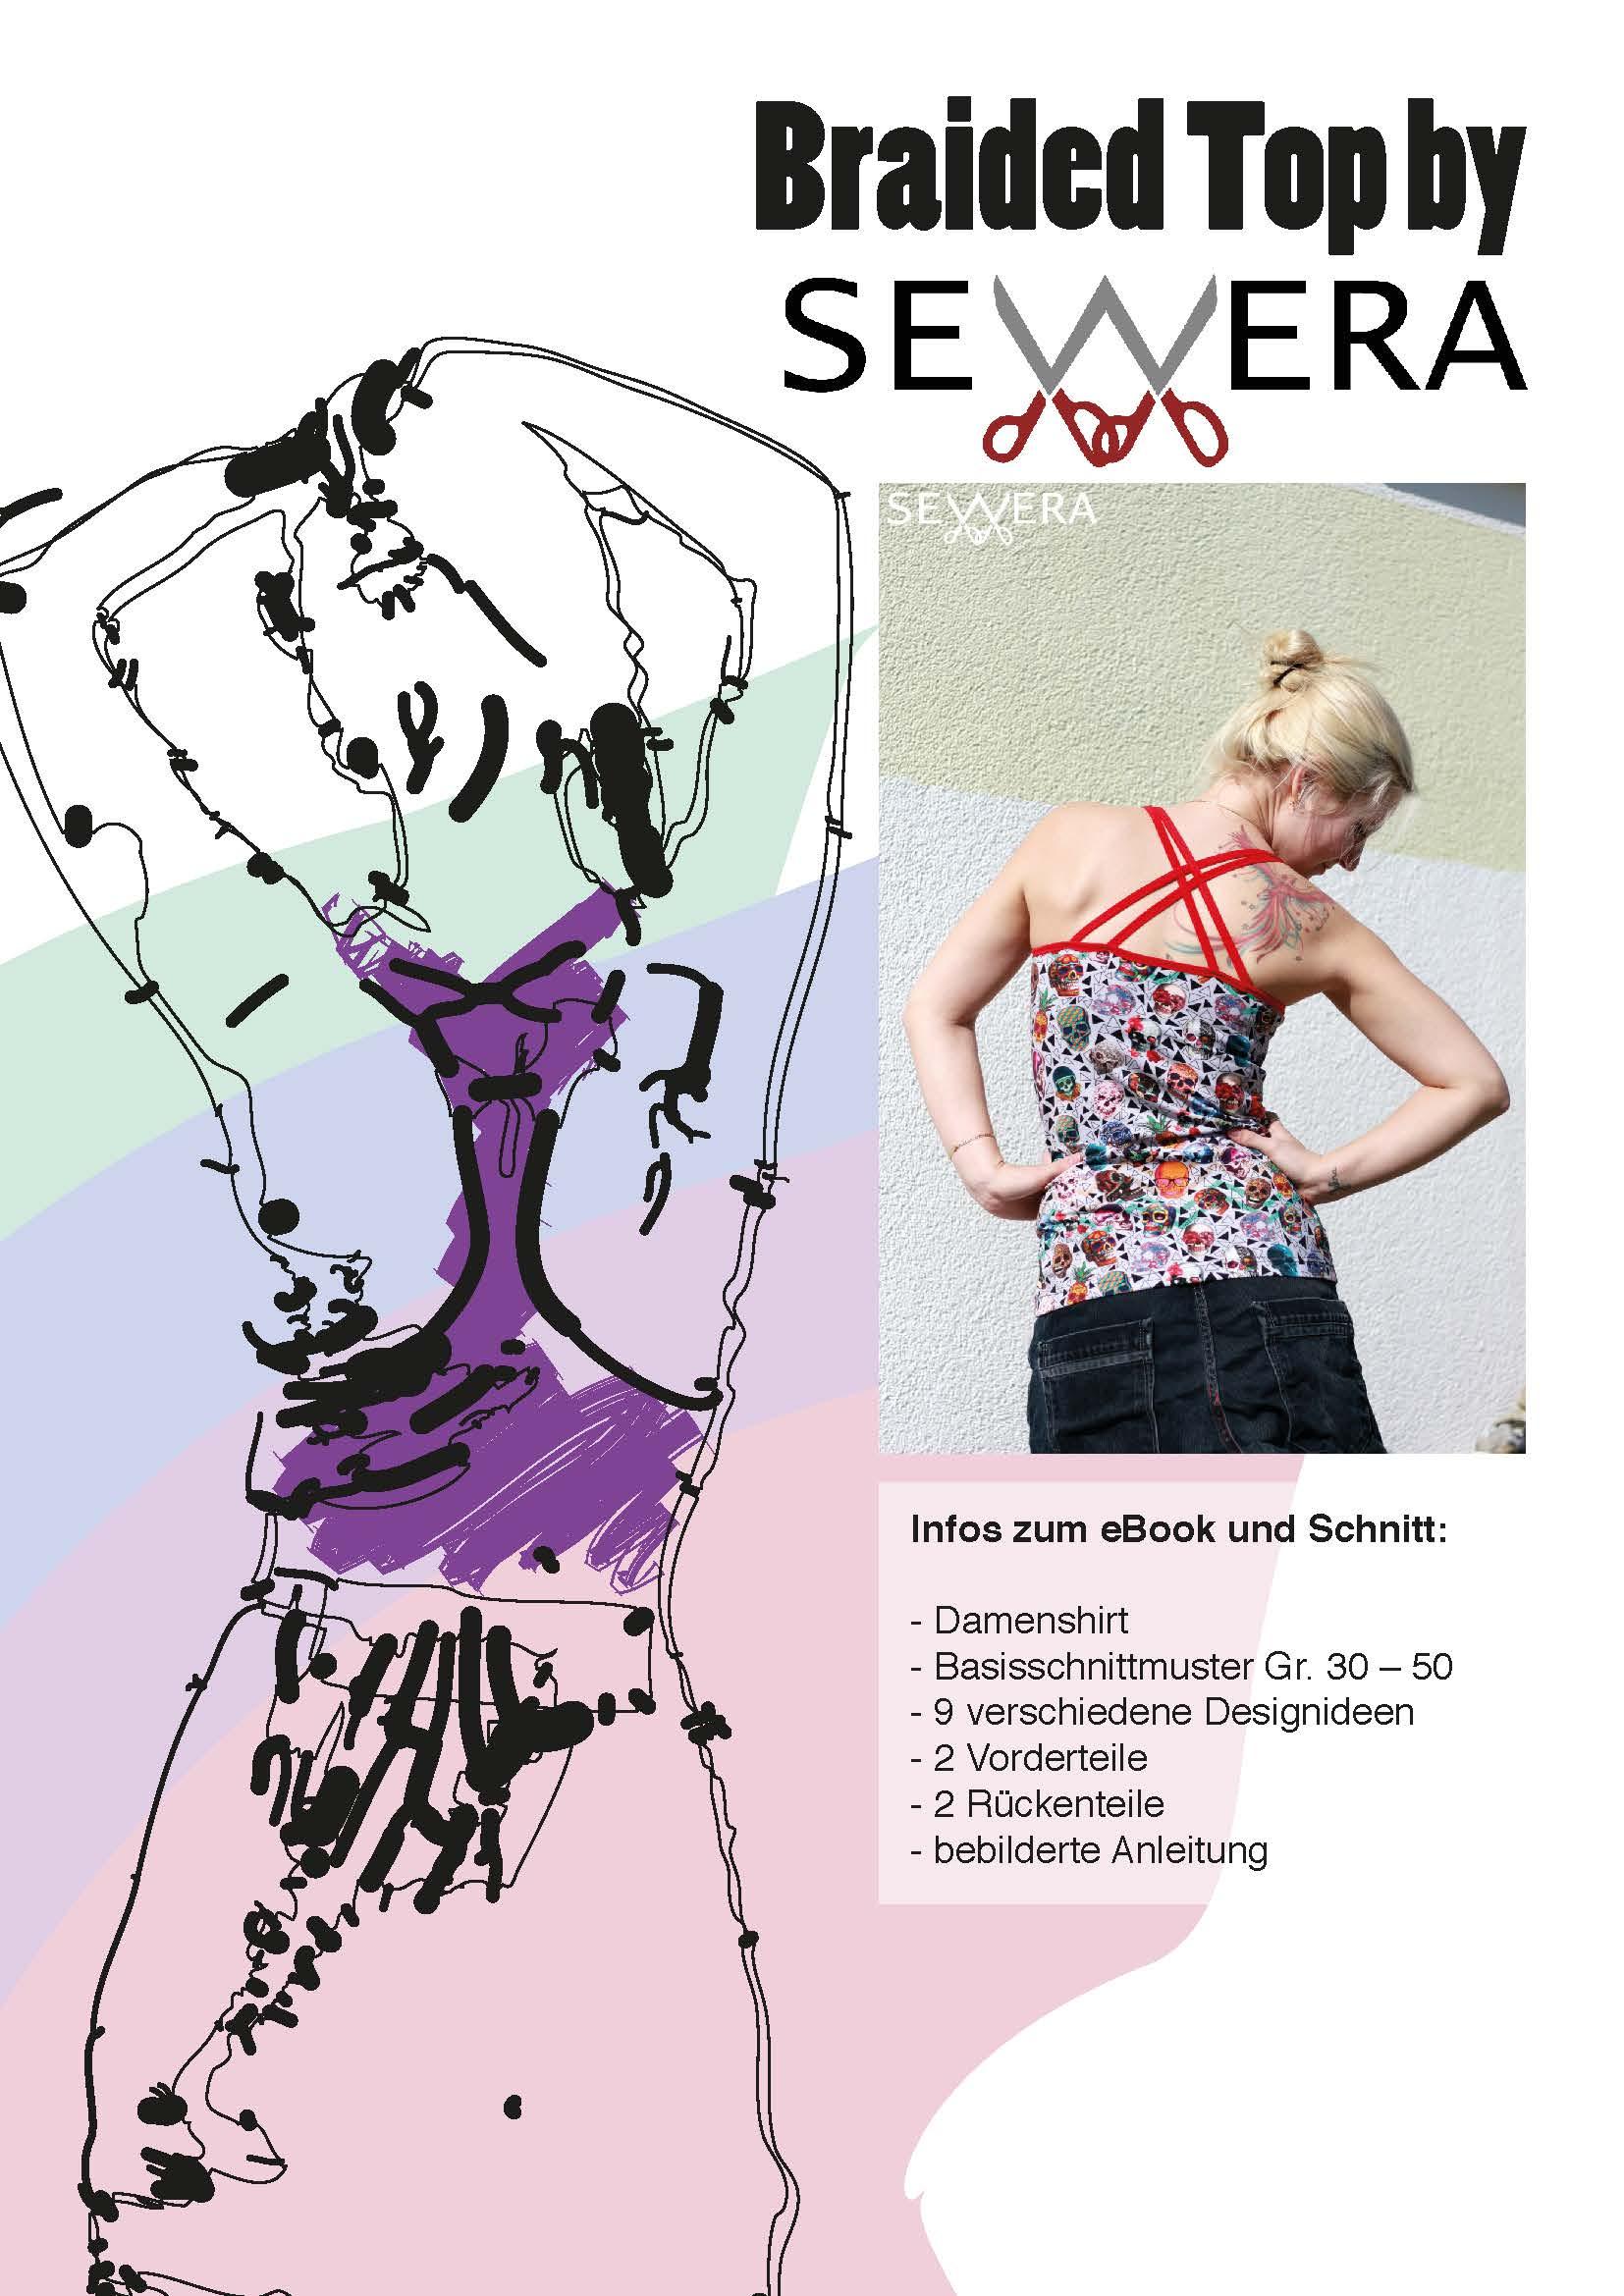 Papierschnittmuster Braided Top by Sewera - Sewera Fashion